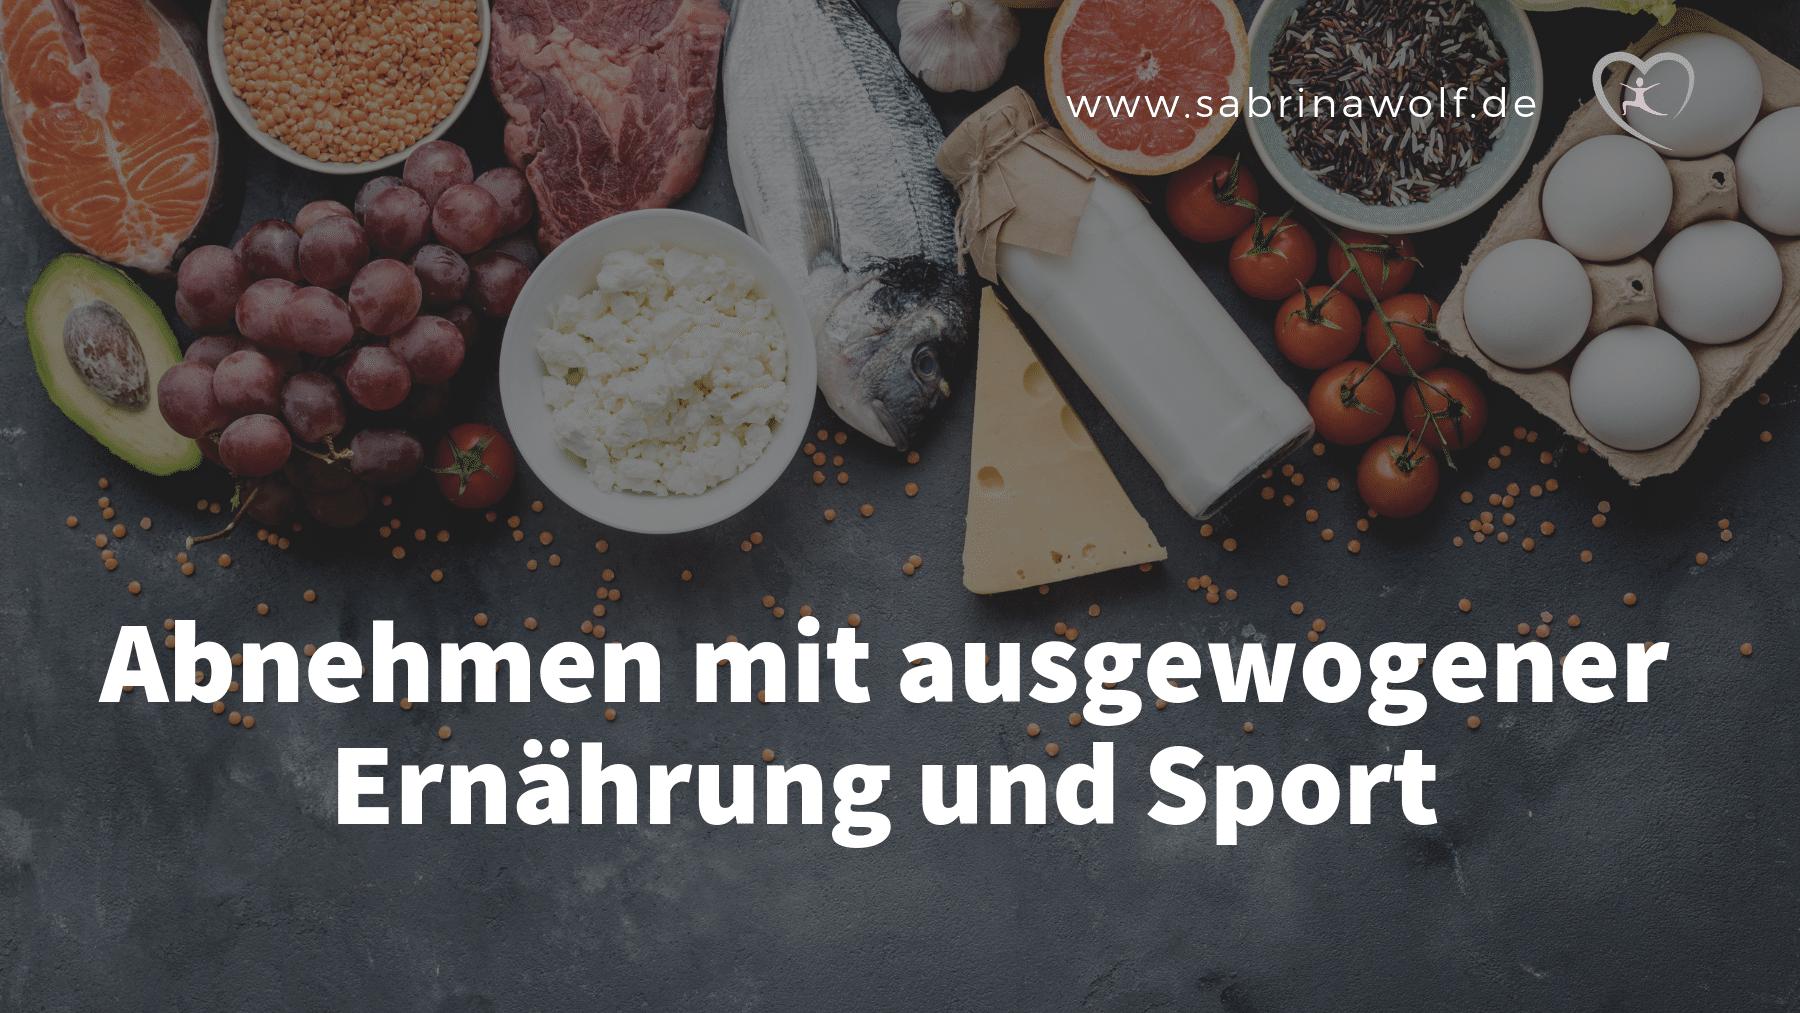 Ausgewogene Ernährung und Sport - Abnehmen